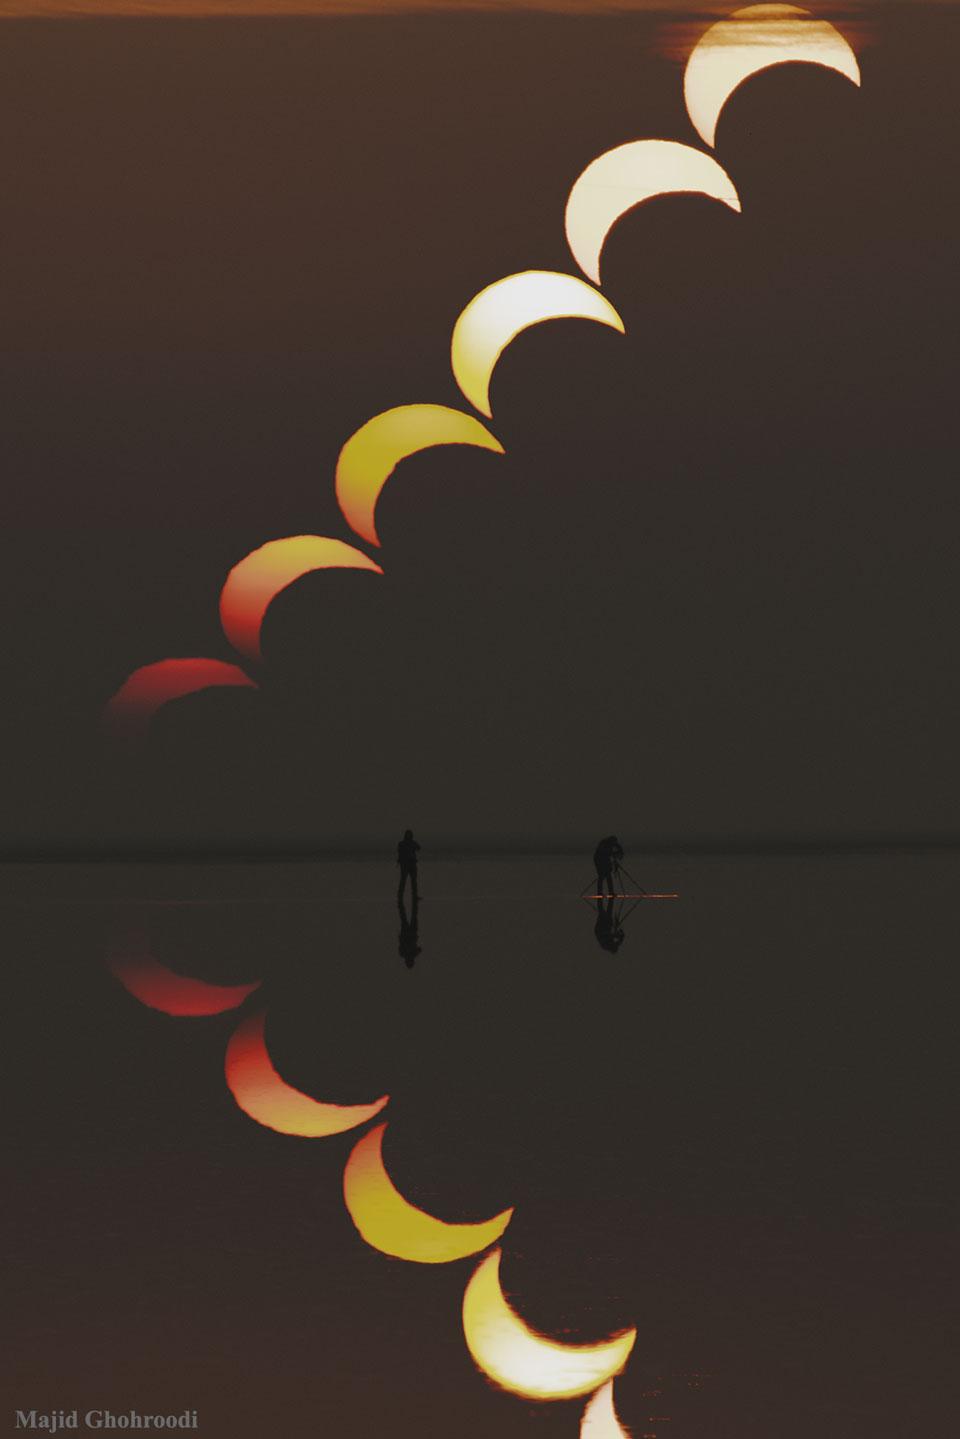 Secuencia de eclipse solar parcial reflejada